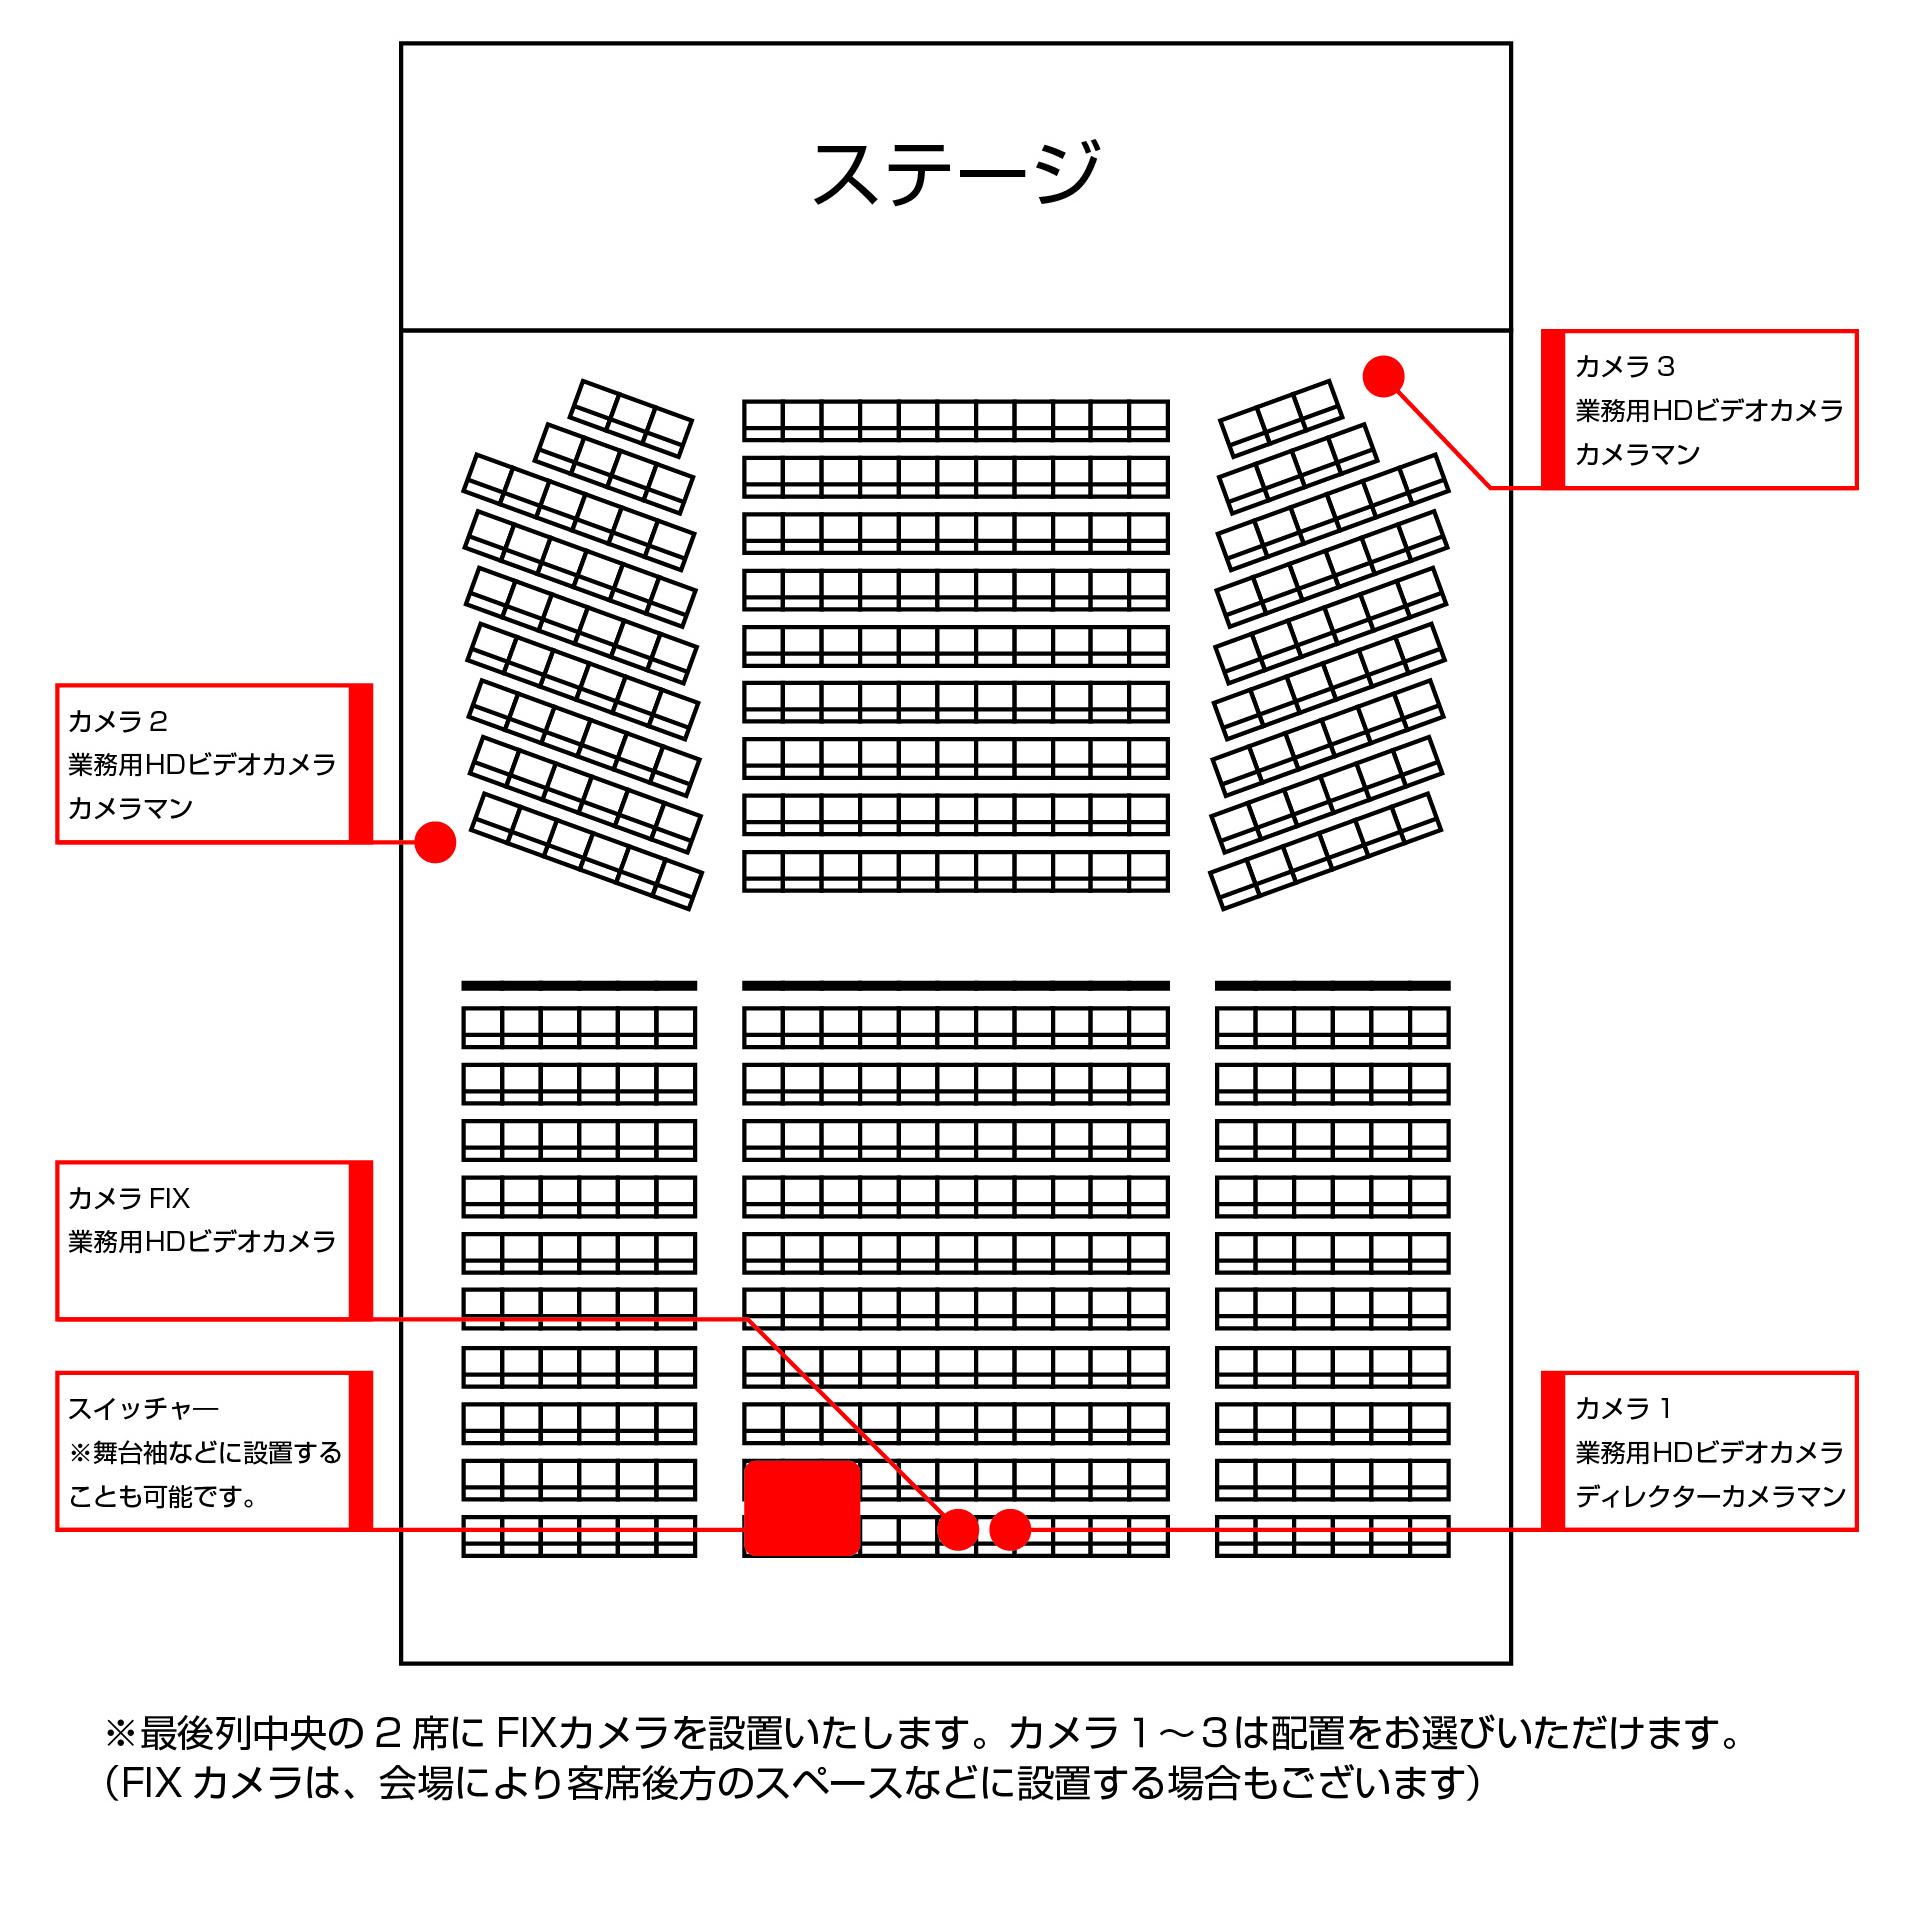 舞台撮影 合唱 プレミアムプランカメラ平面図